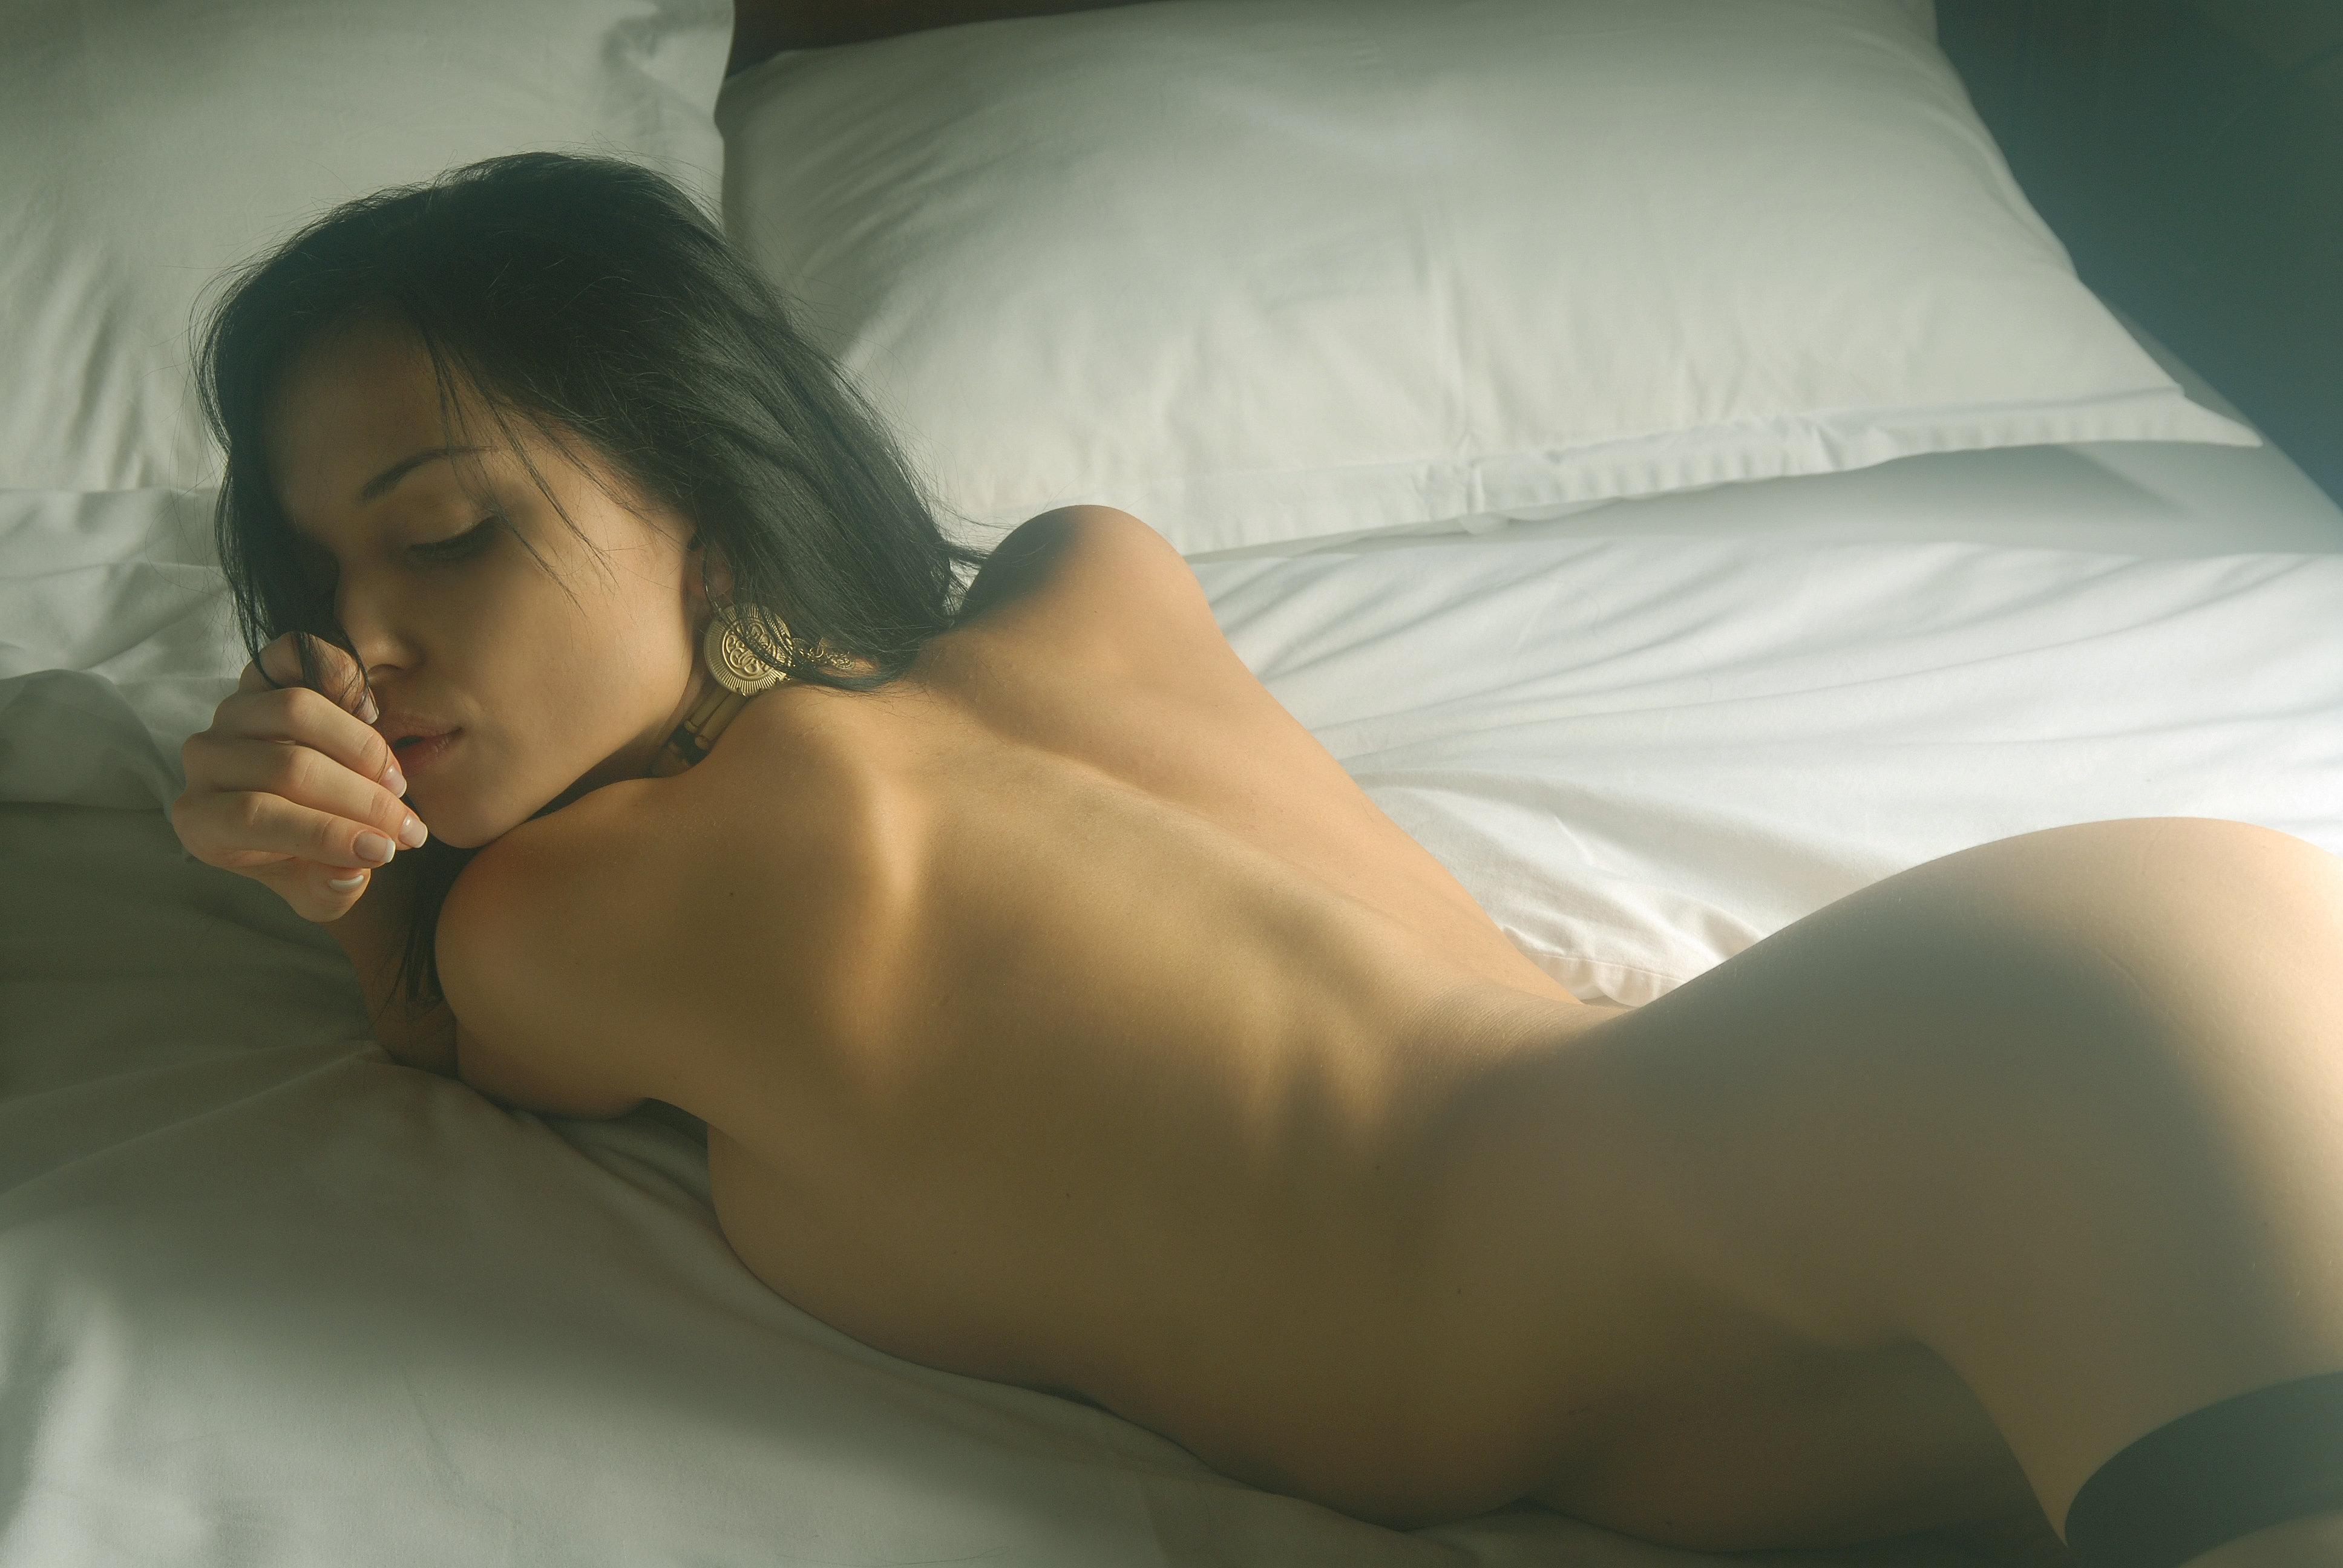 Фотографии голых красивых девушек в кровати 8 фотография